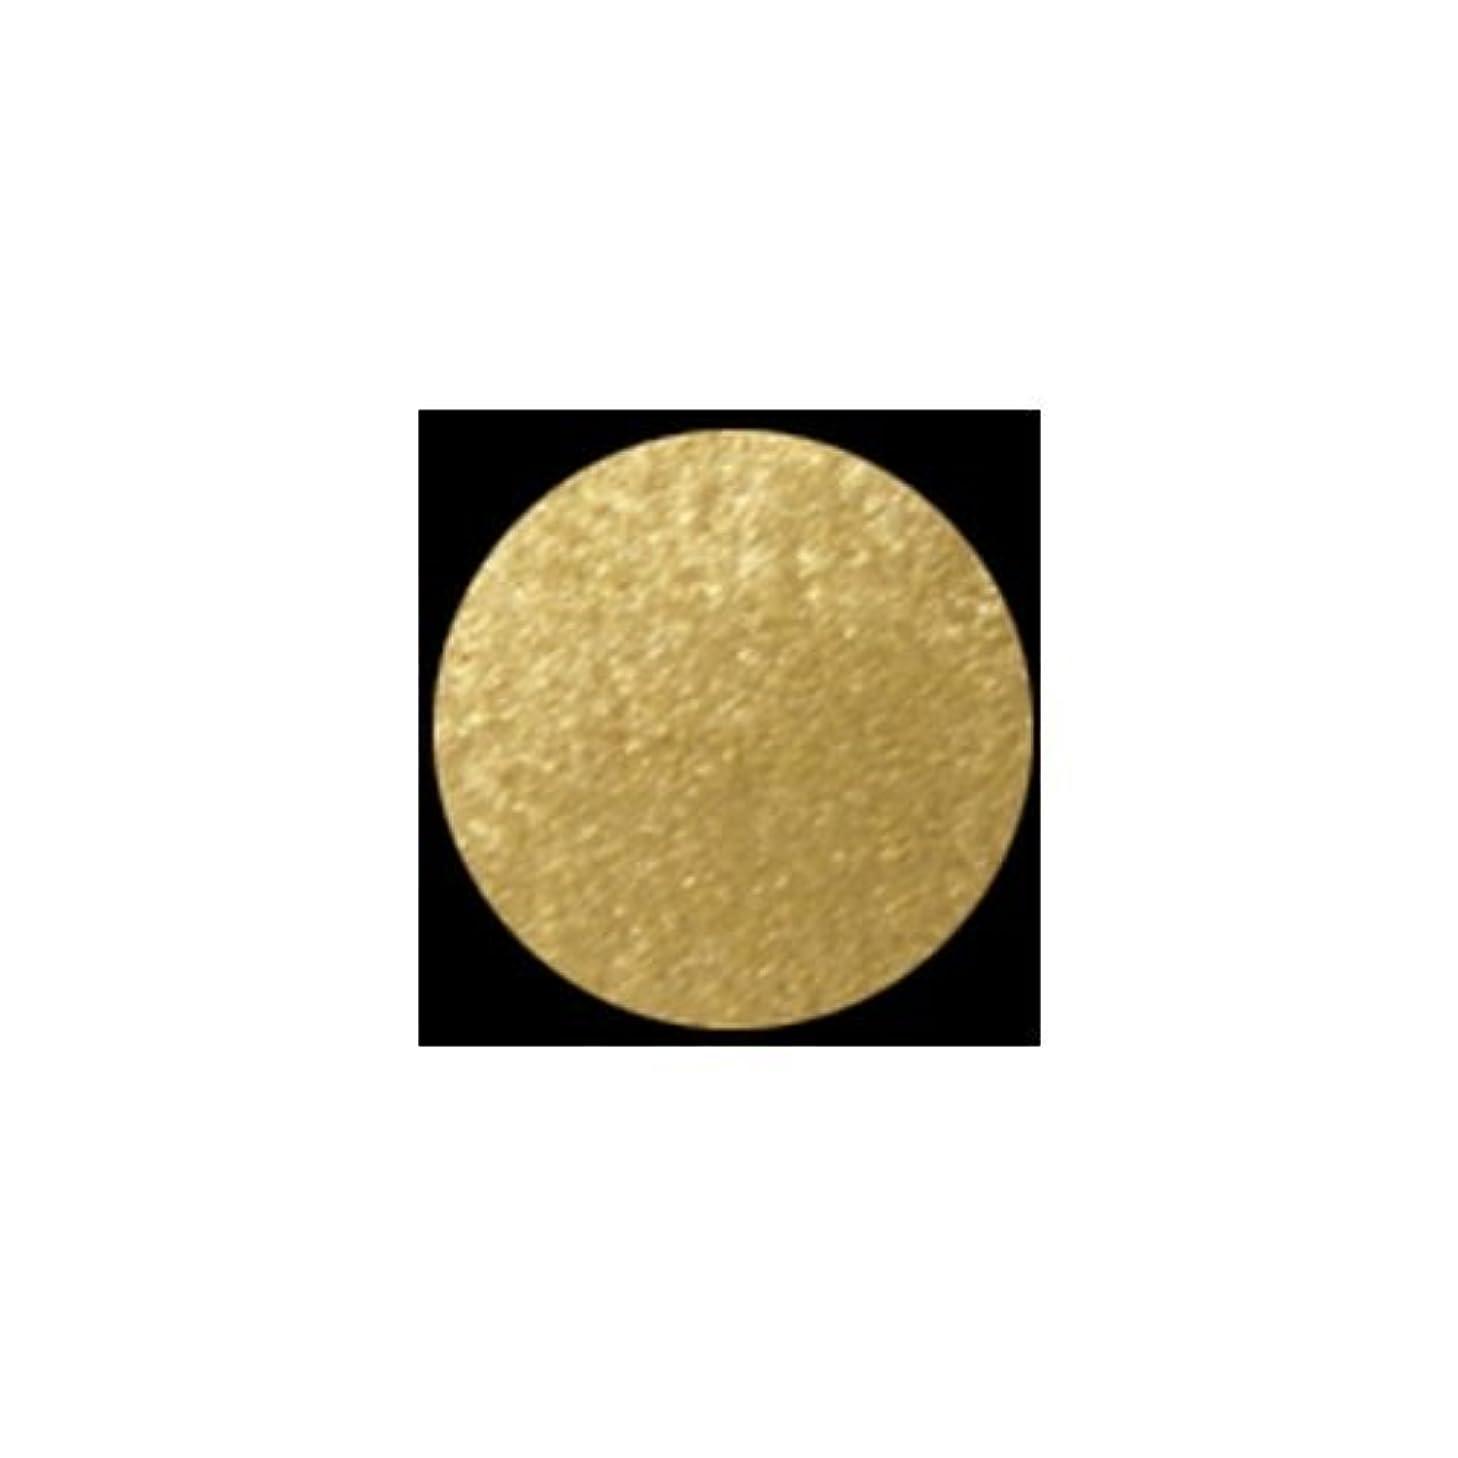 滑りやすい電気陽性打撃KLEANCOLOR American Eyedol (Wet/Dry Baked Eyeshadow) - Gold (並行輸入品)